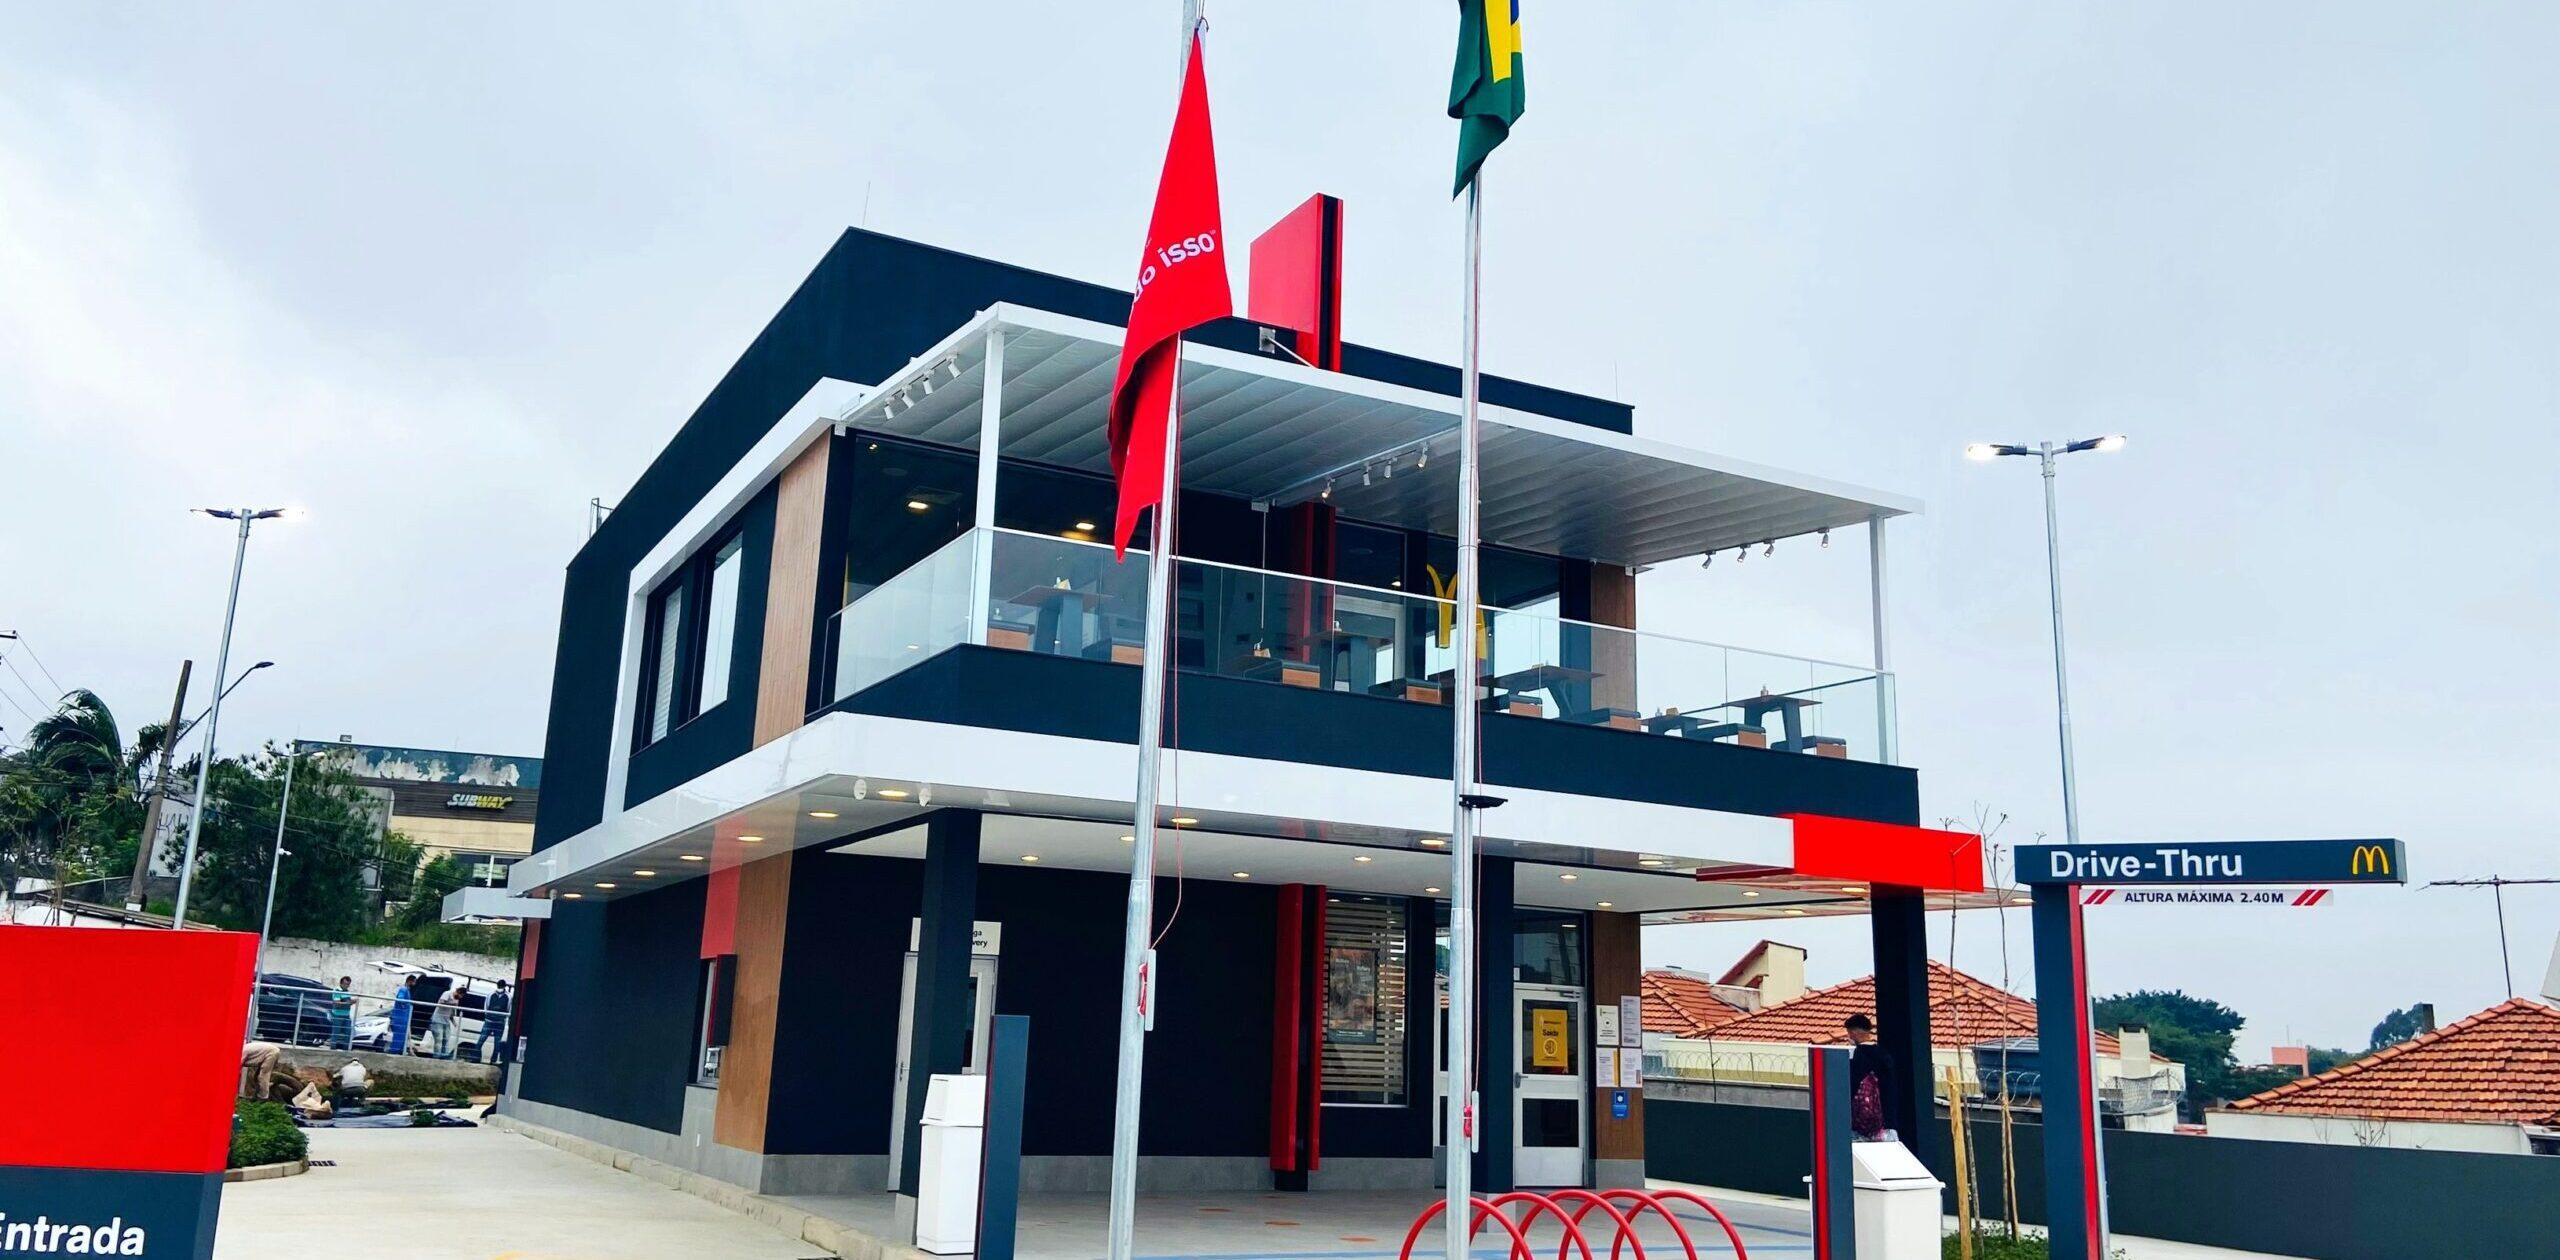 [Brasil] McDonald's inaugura mais uma unidade na Zona Leste  de São Paulo